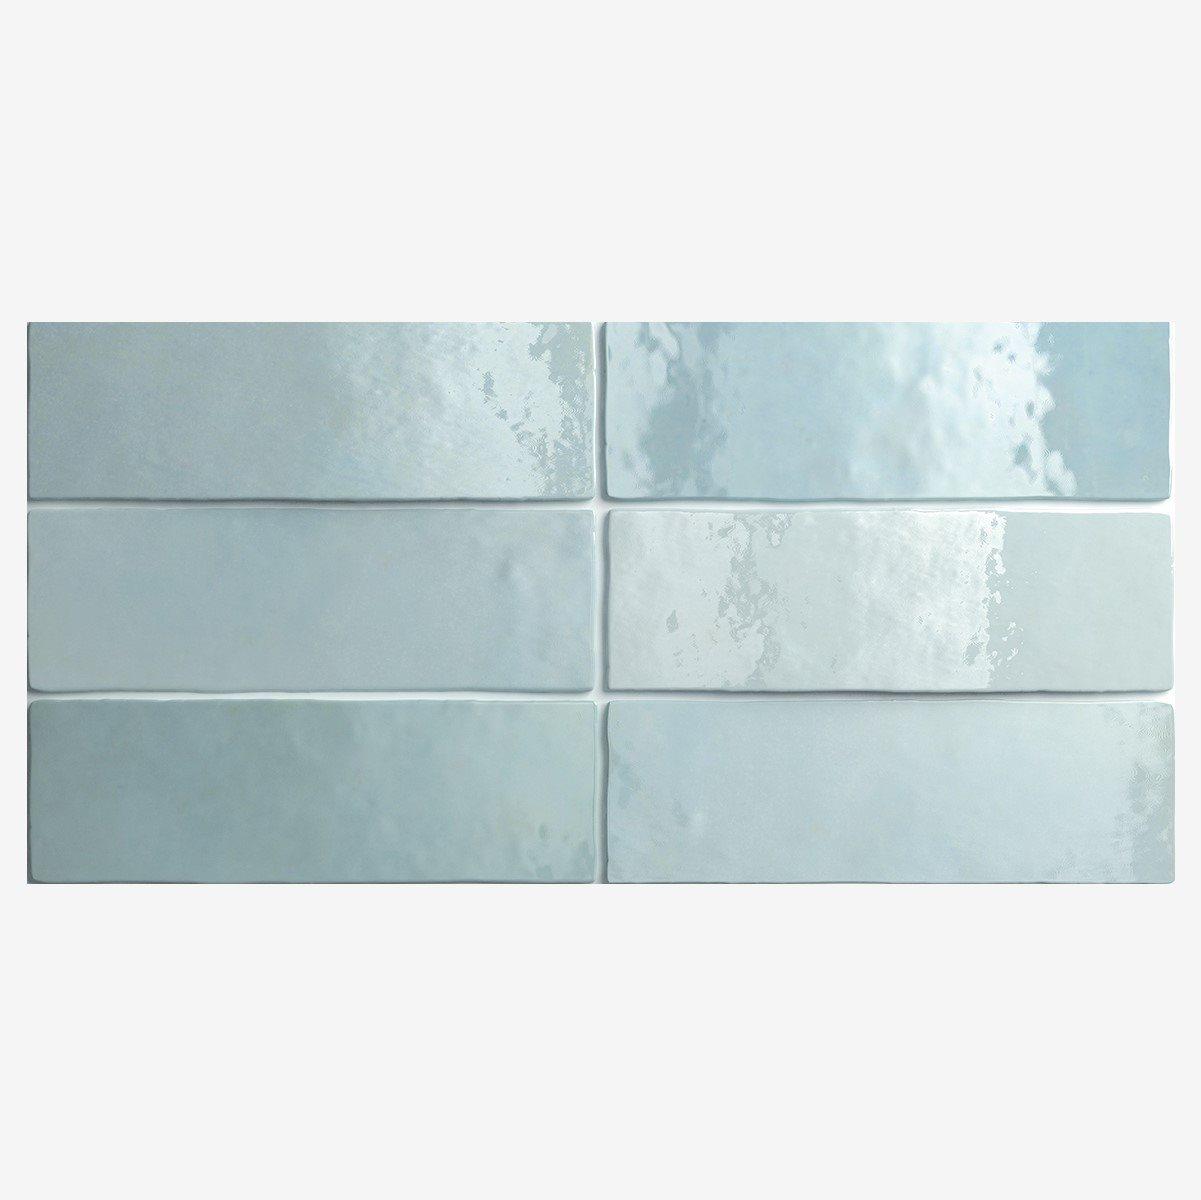 Carrelage effet zellige 6.5x20 ARTISAN BLEU AQUA 24468 - 0.5m² - zoom